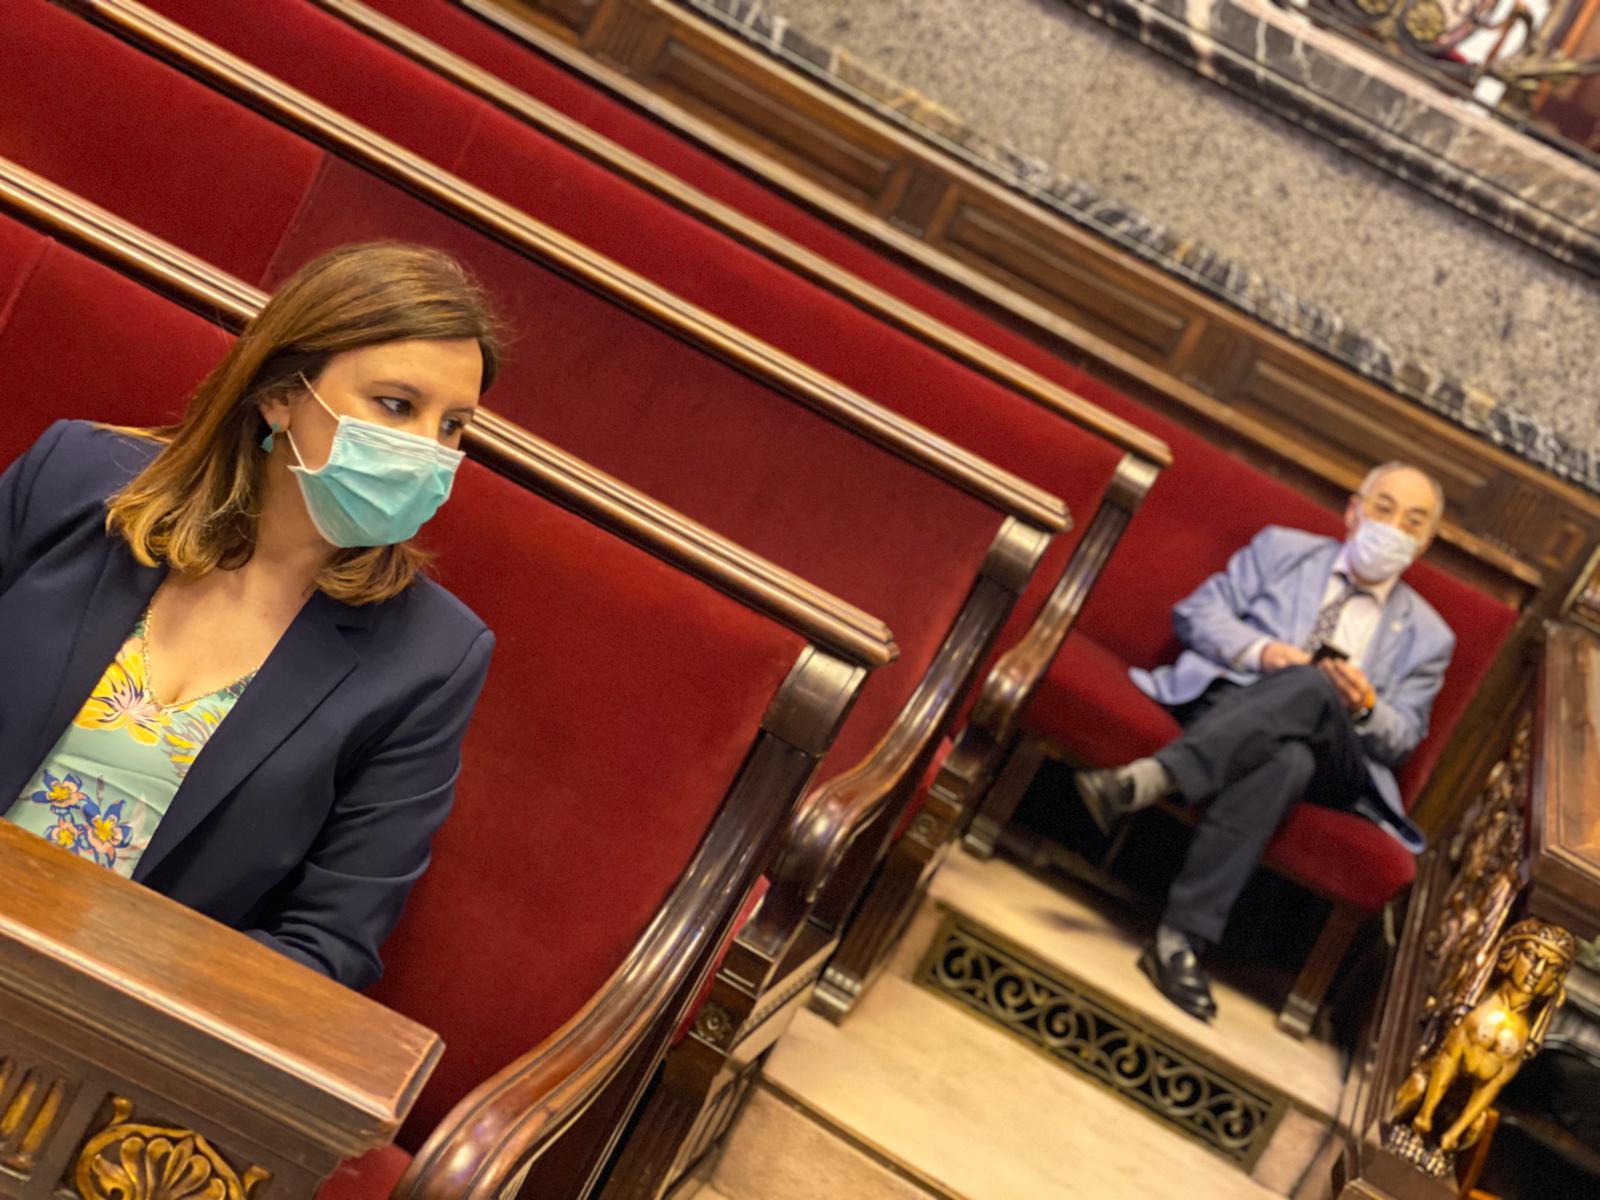 El PP presenta una moción urgente para que el Ayuntamiento inste a la Generalitat a permitir retomar la actividad y la competición de la Pilota de elite